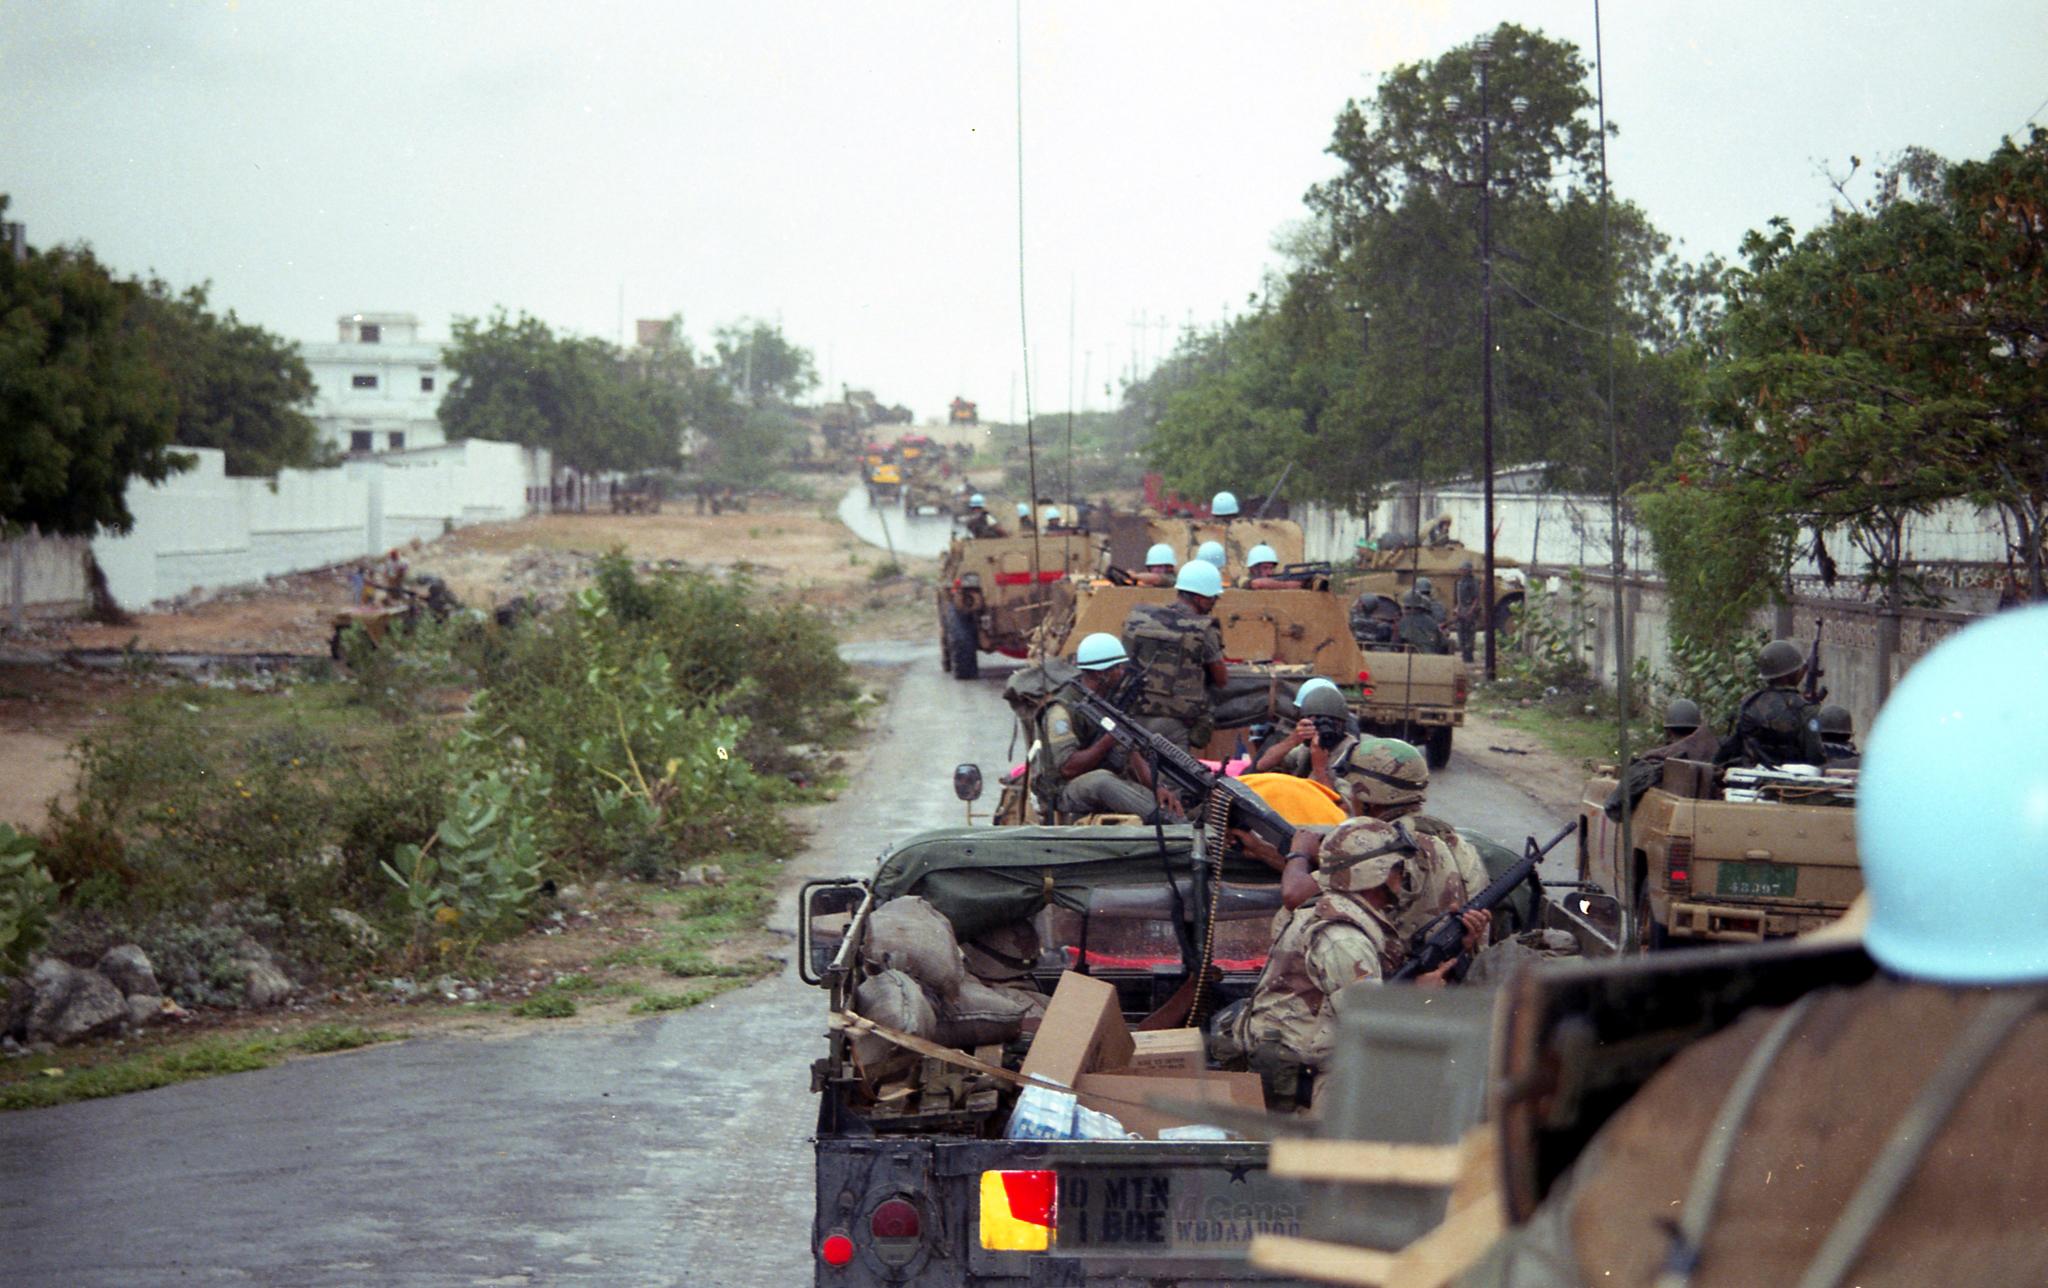 Les FAR en Somalie - Page 2 47056320034_295db5cf46_o